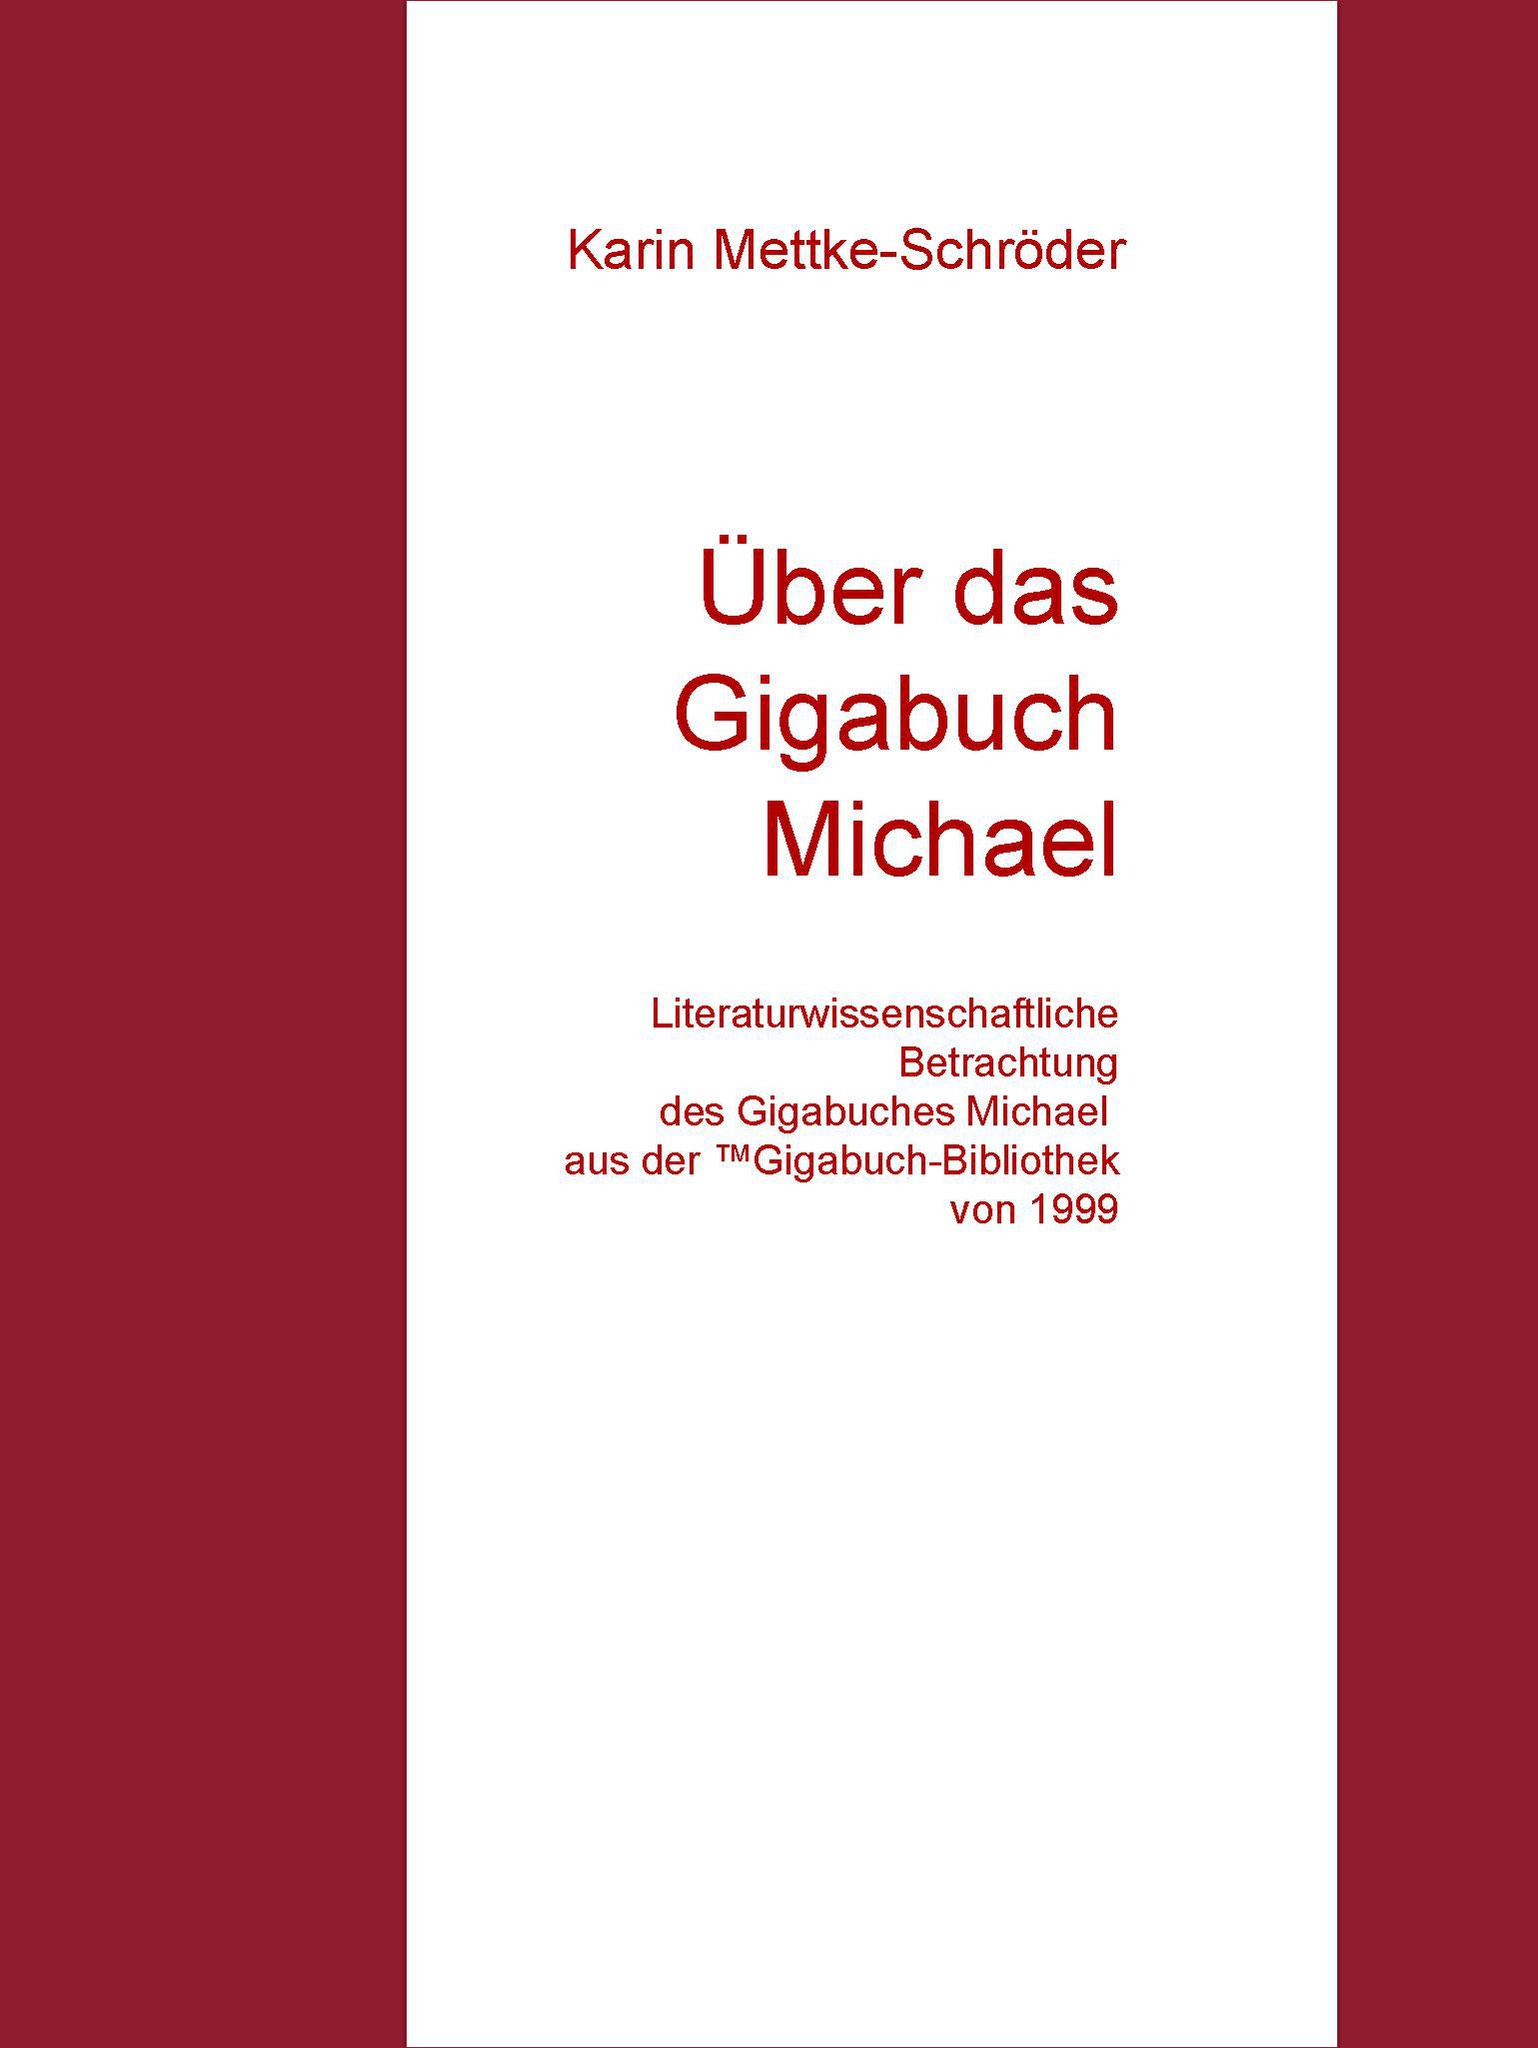 Karin Mettke-Schröder/Über das Gigabuch Michael/™Gigabuch Bibliothek 1999/e-Short ISBN 9783734712784